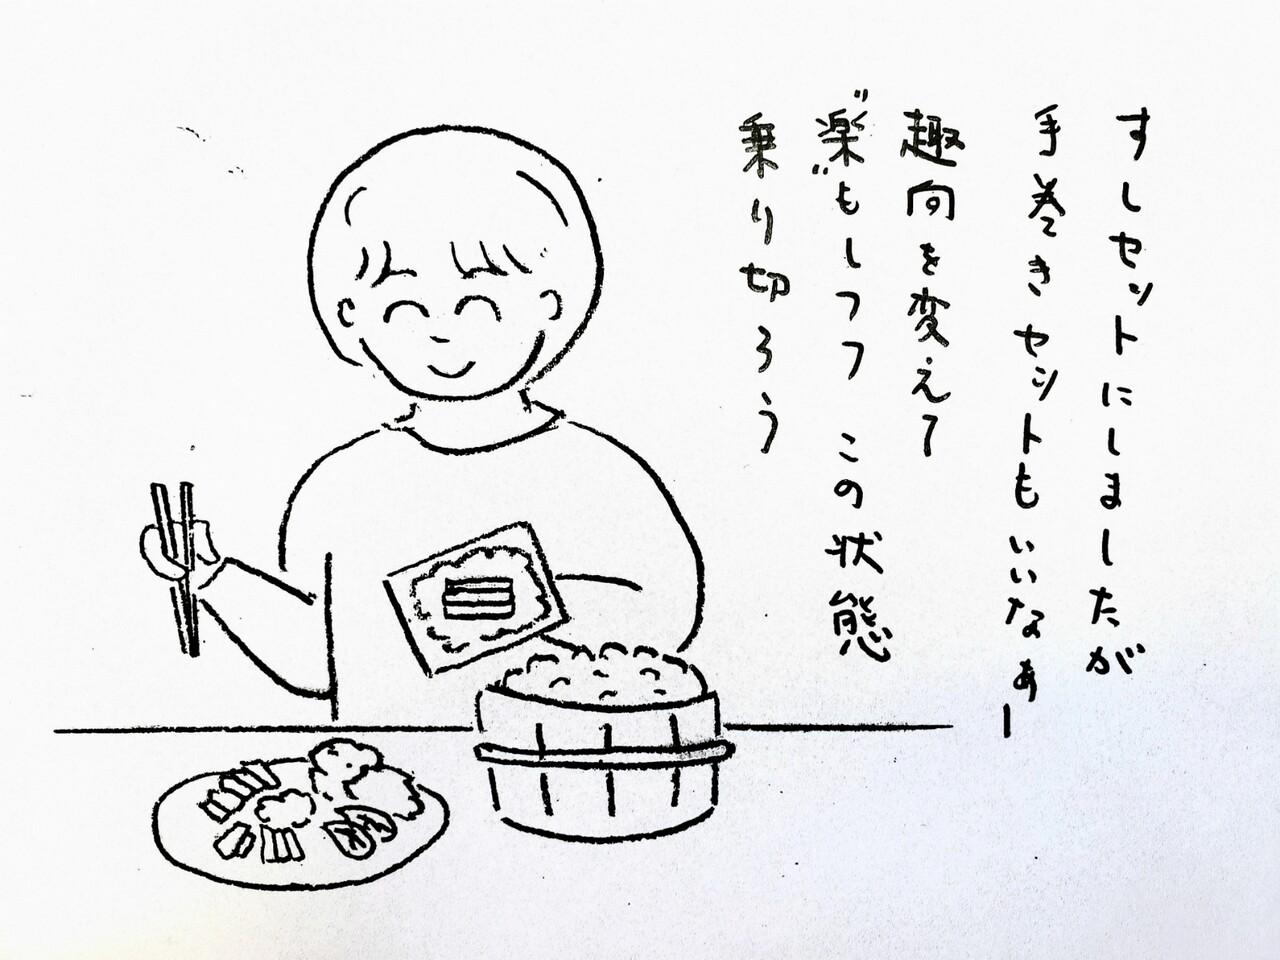 寿司 巻き 寿司 手 セット くら